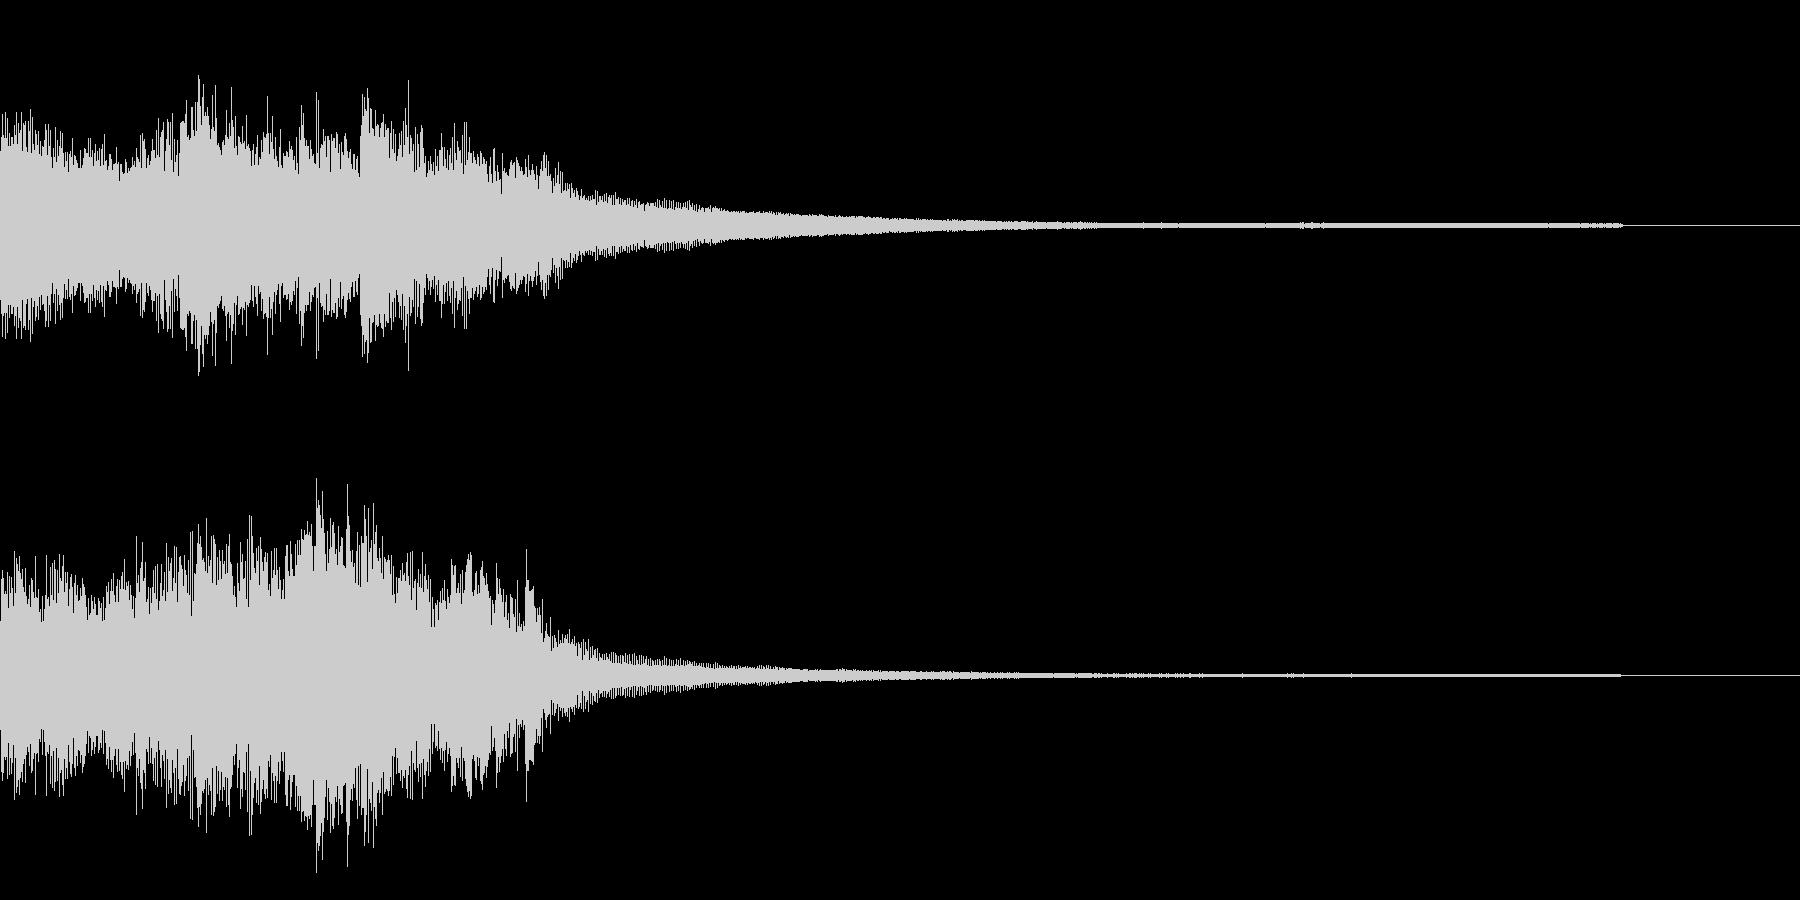 ピアノとストリングスによる重厚なジングルの未再生の波形